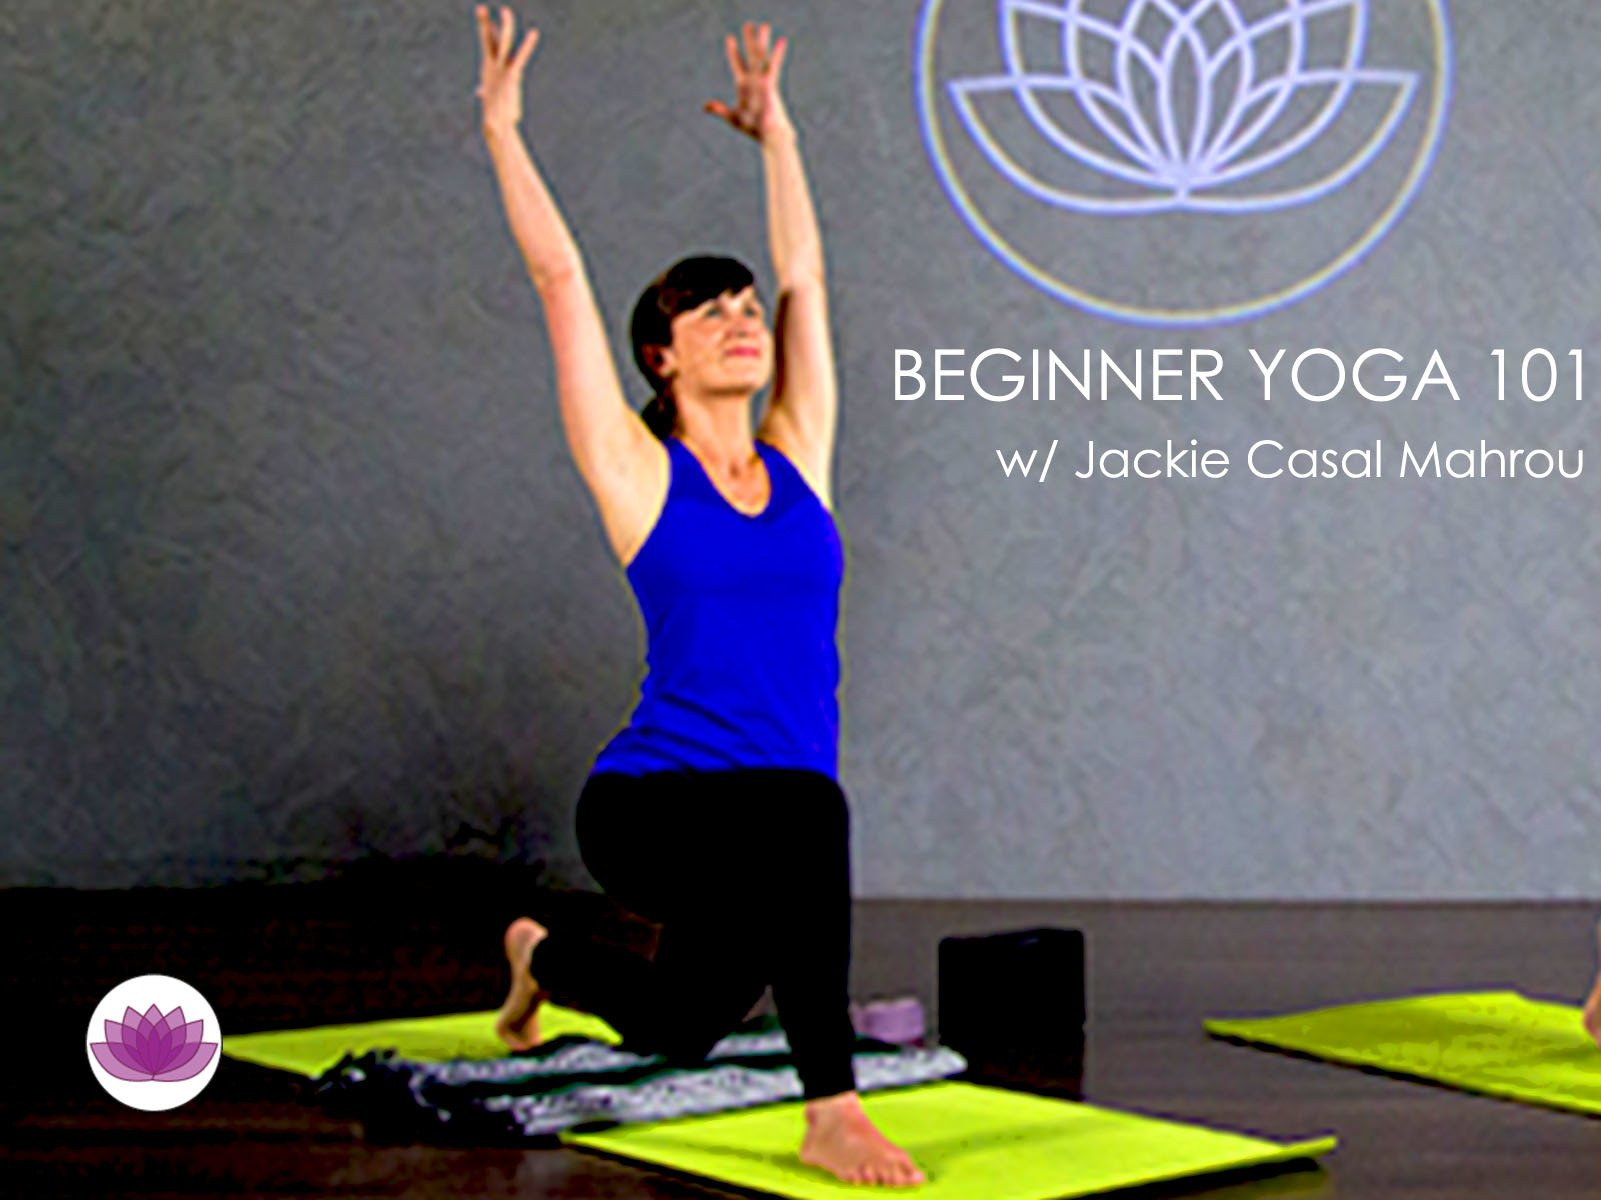 Beginner Yoga 101 - Season 1